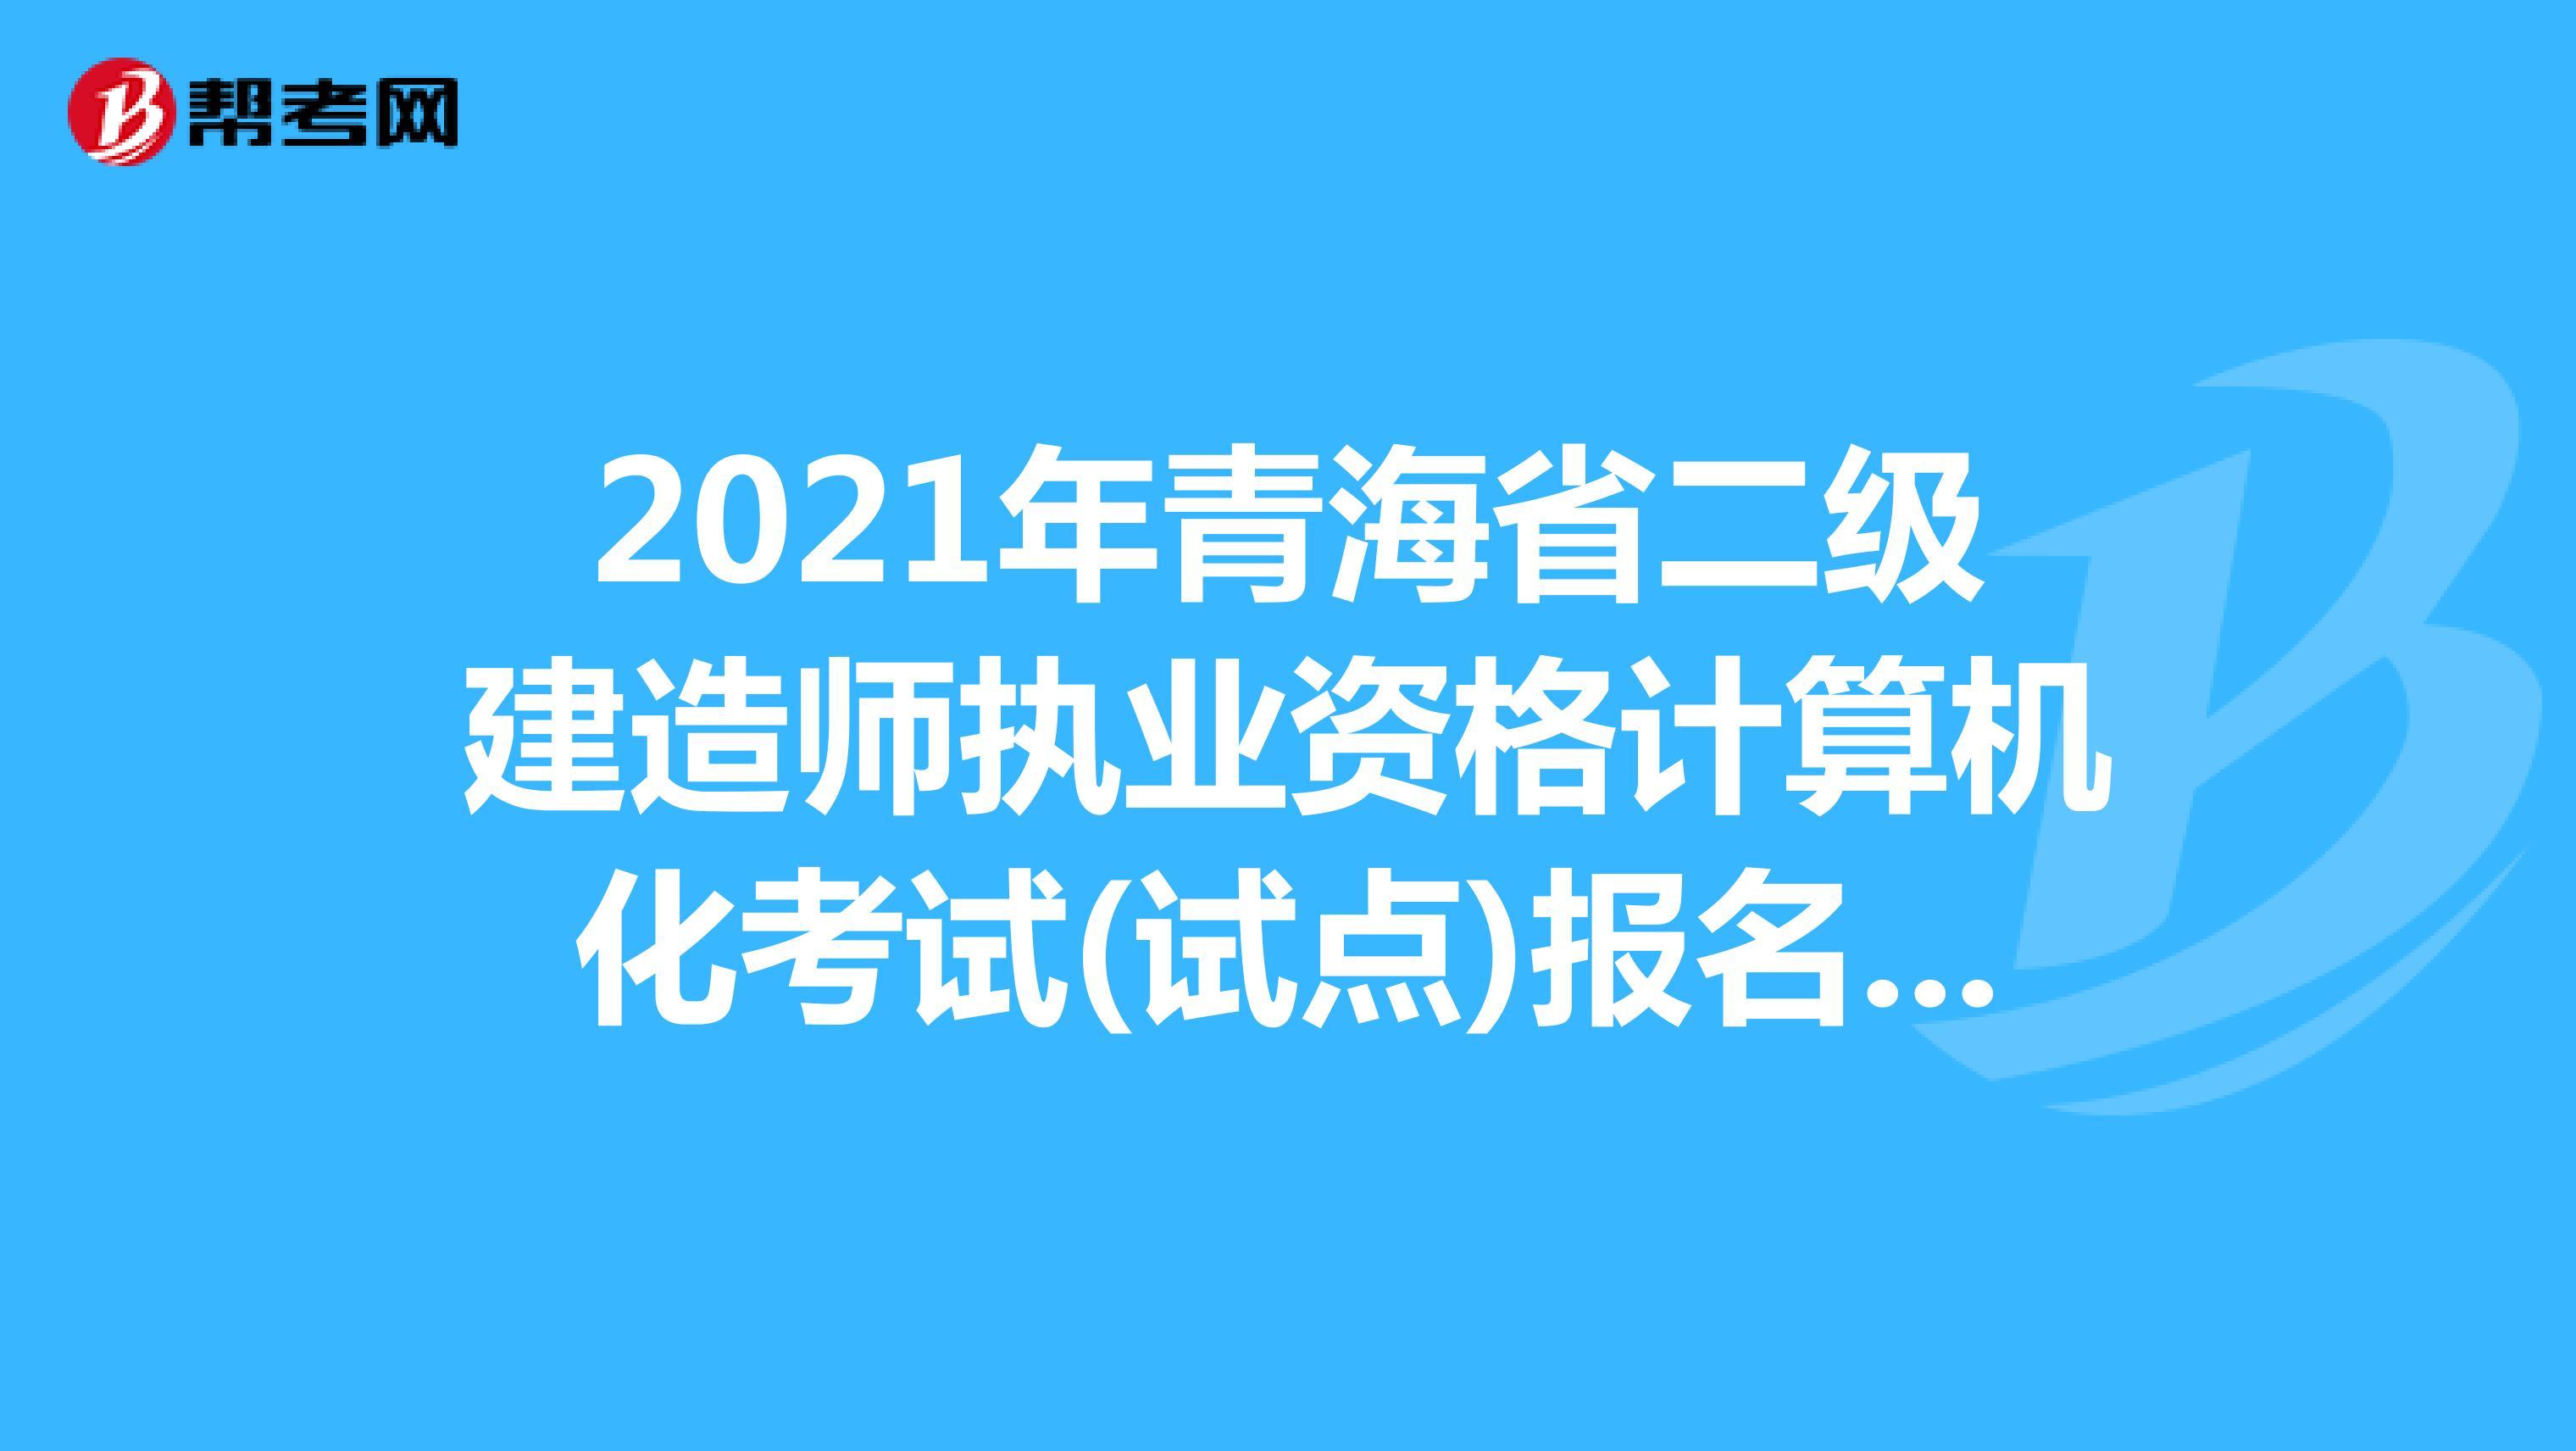 2021年青海省二级建造师执业资格计算机化考试(试点)报名时间:09月26日9:00-09月28日18:00